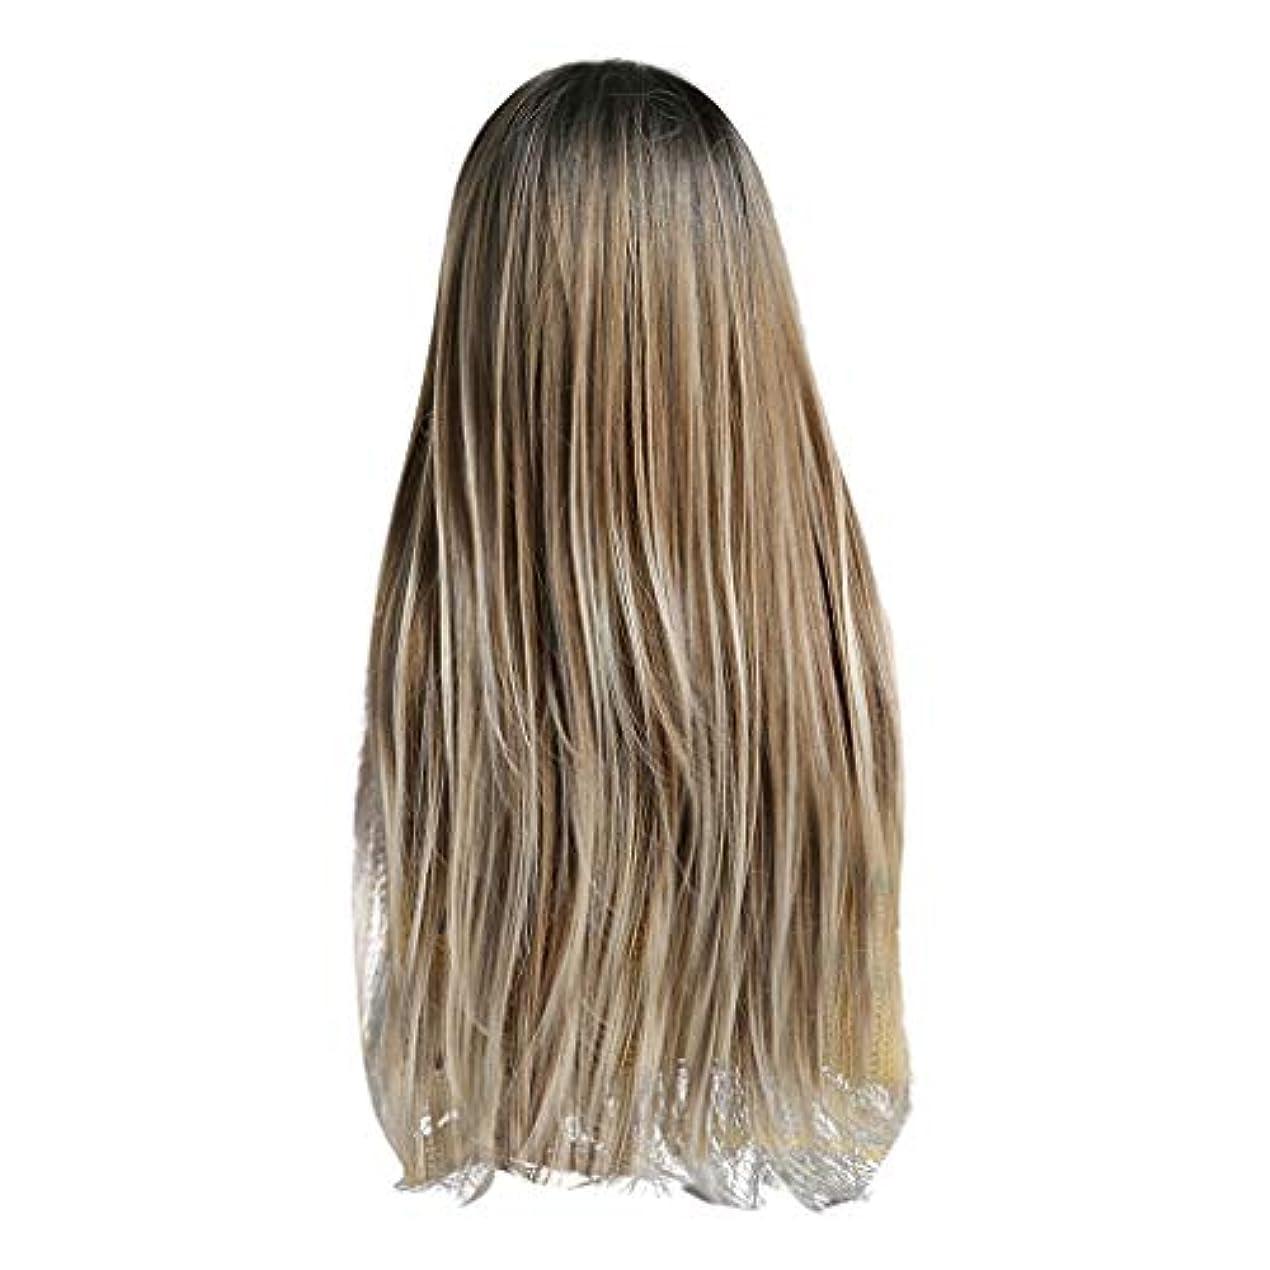 廃棄するタクシーの中でLazayyii かつら女性自然な3色 グラデーション化学繊維毛髪 (A)